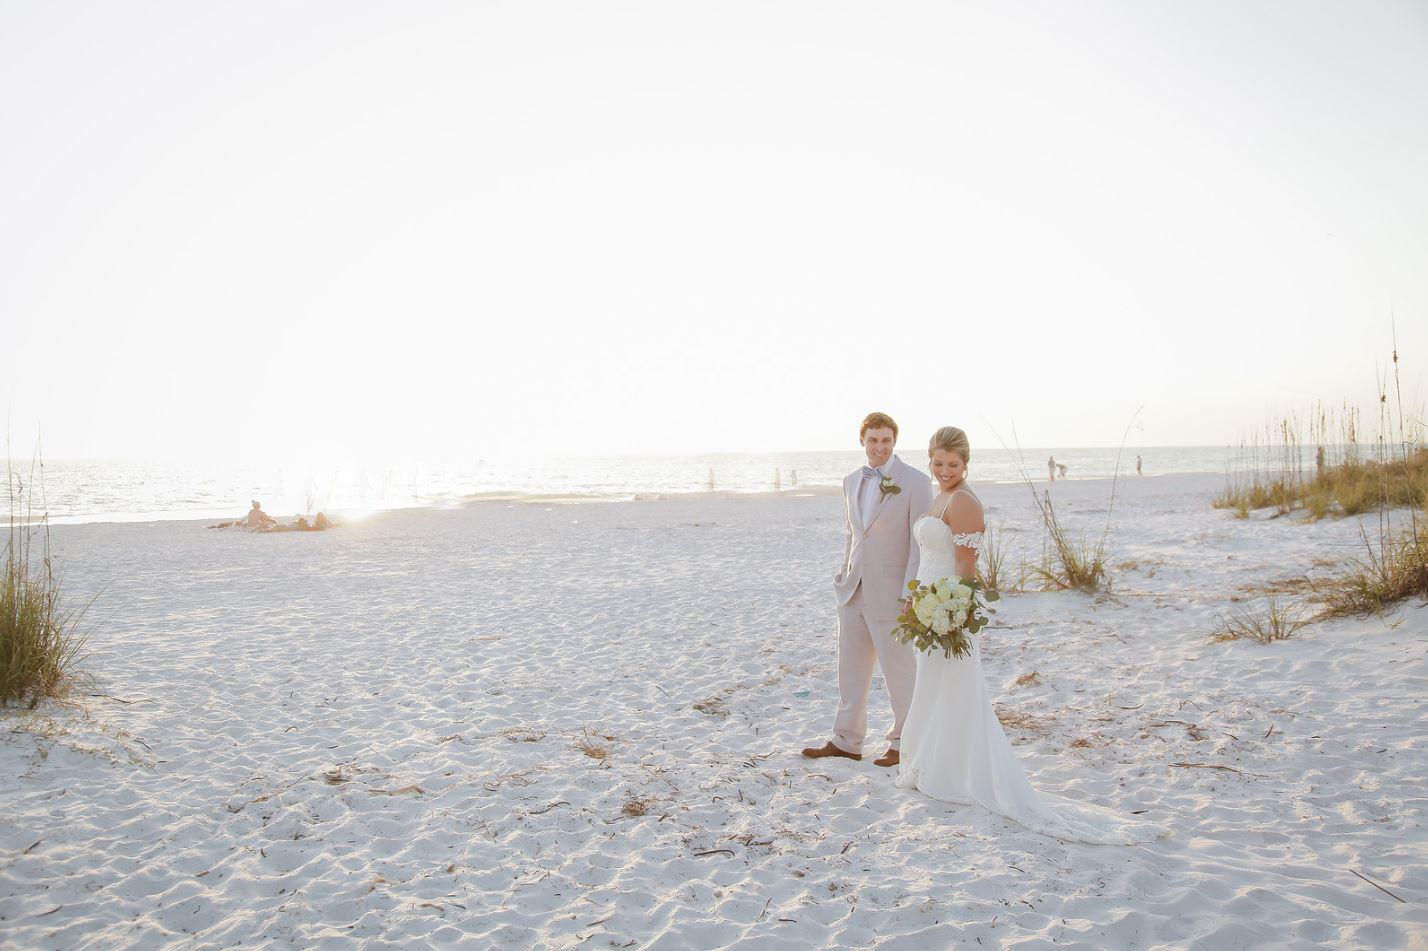 Jaime_wedding_photographer_028.JPG